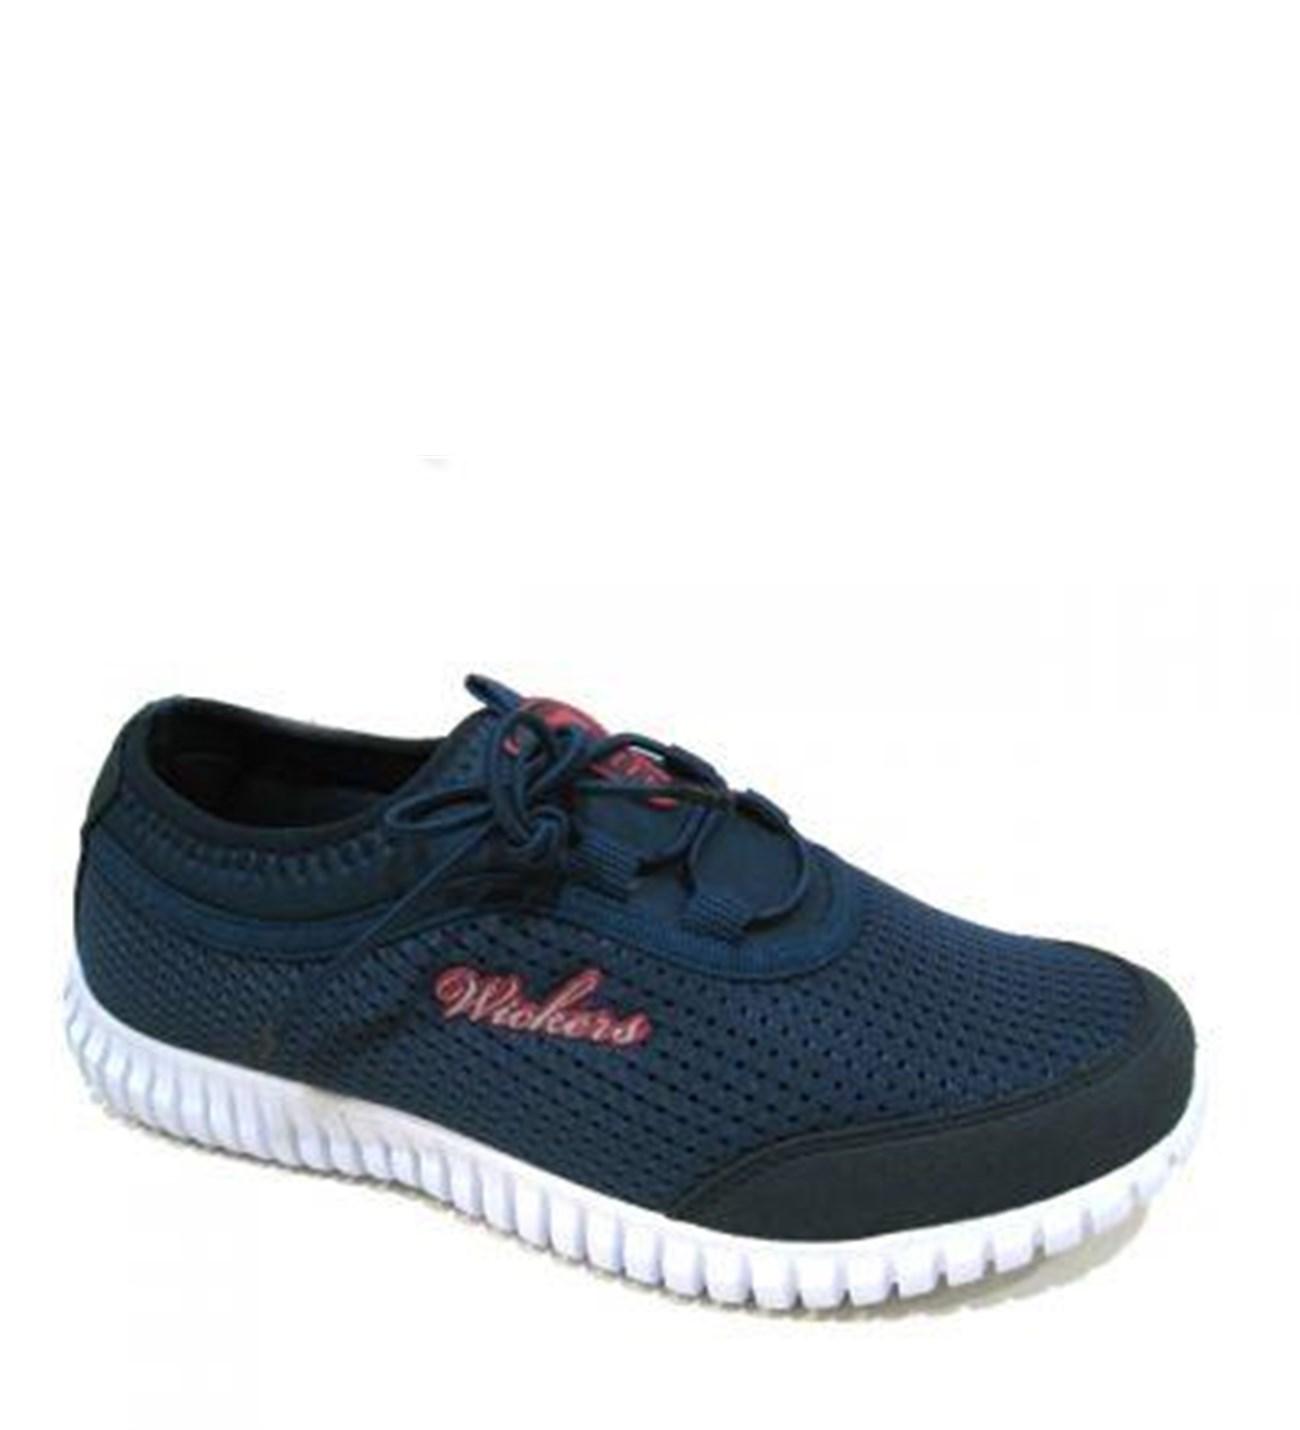 Wickers 1042 Lastikli Yazlık Günlük Yürüyüş Bayan Spor Ayakkabı